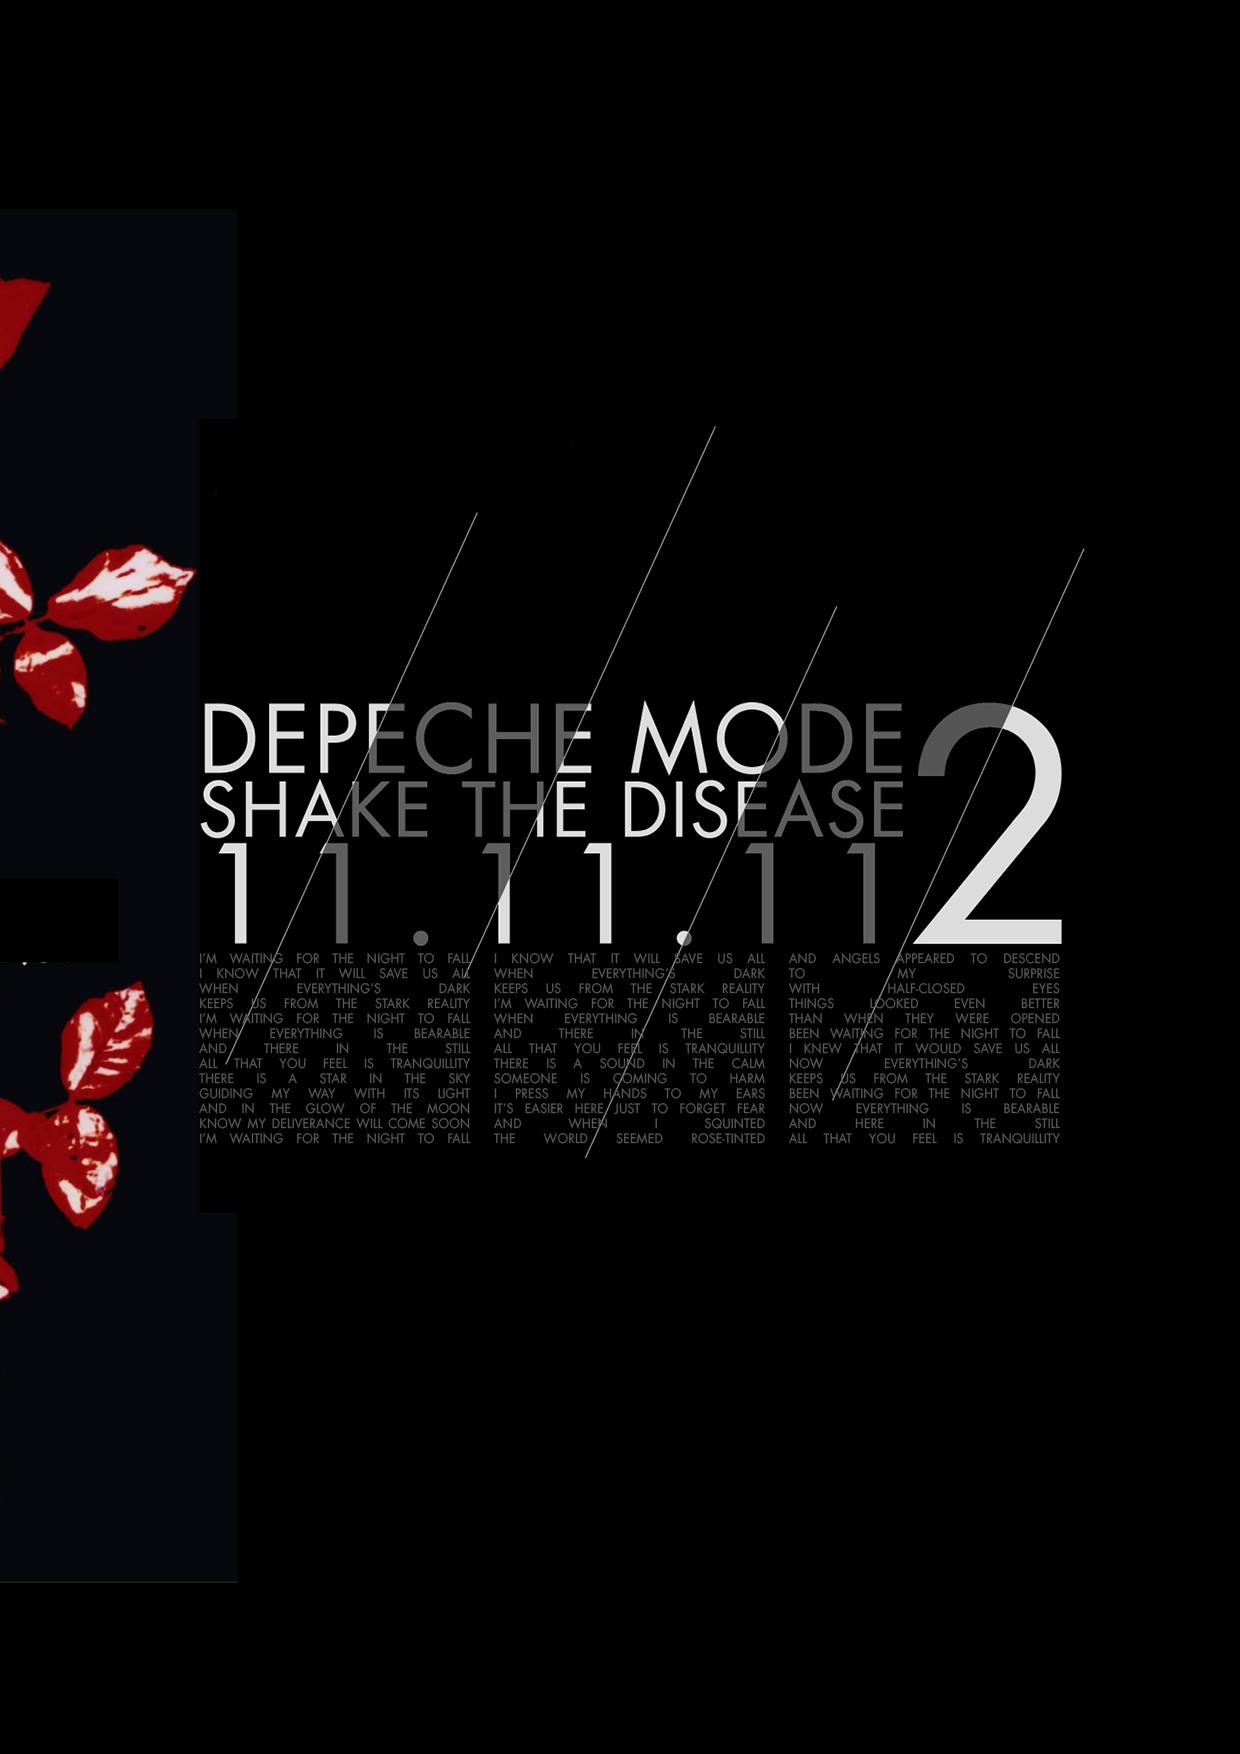 http://www.shakethedisease.fr/teasings/violator.jpg